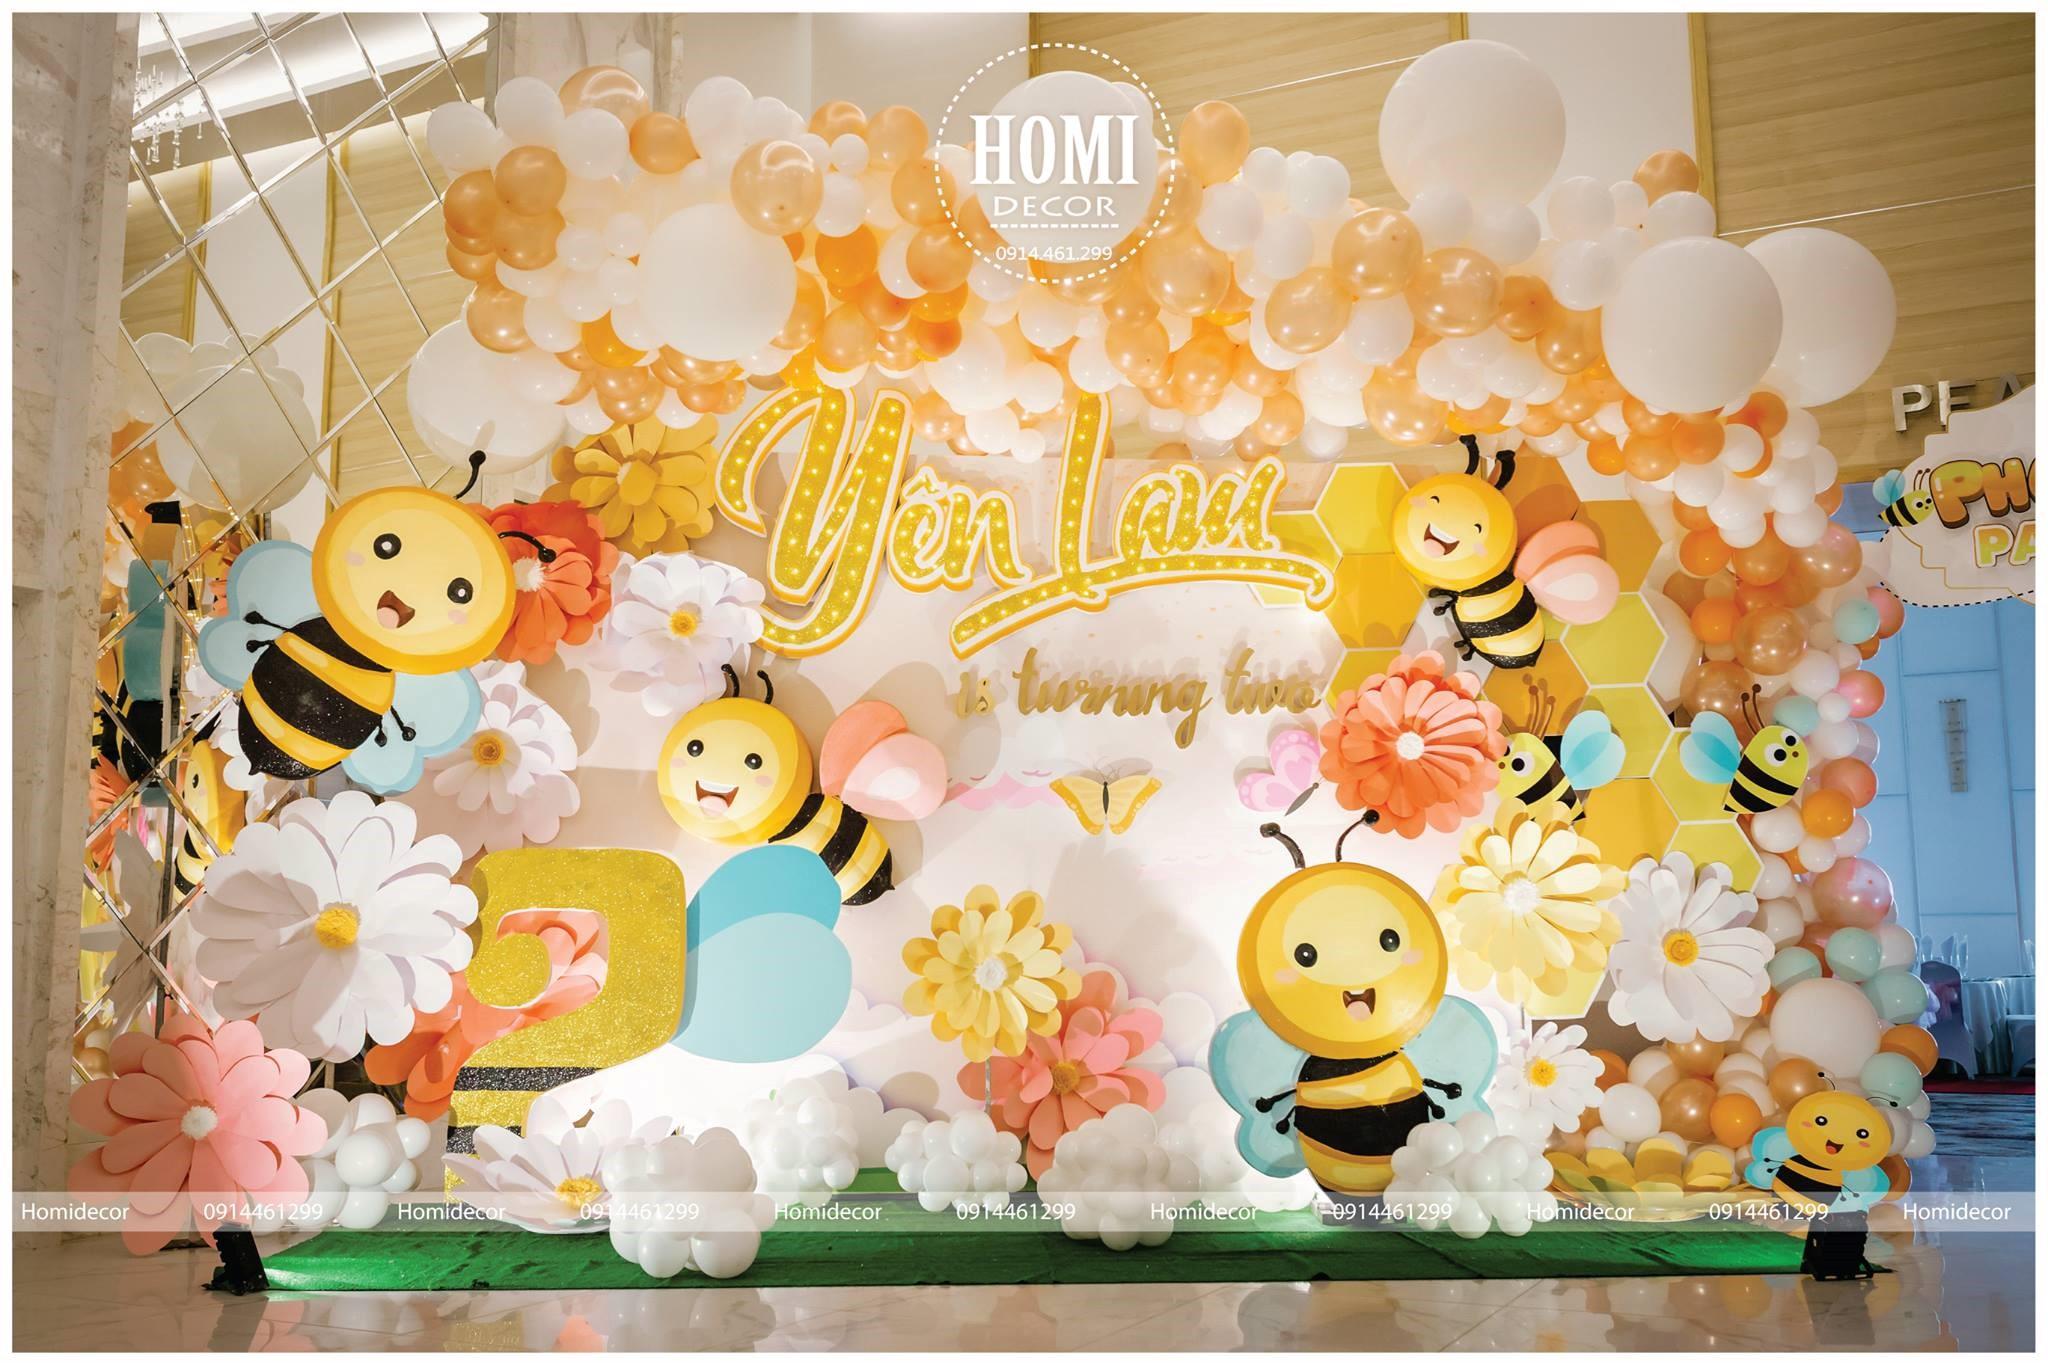 Bữa tiệc sinh nhật của con một ca sĩ nổi tiếng trở nên đầy màu sắc với hình ảnh những chú ong vàng đáng yêu.